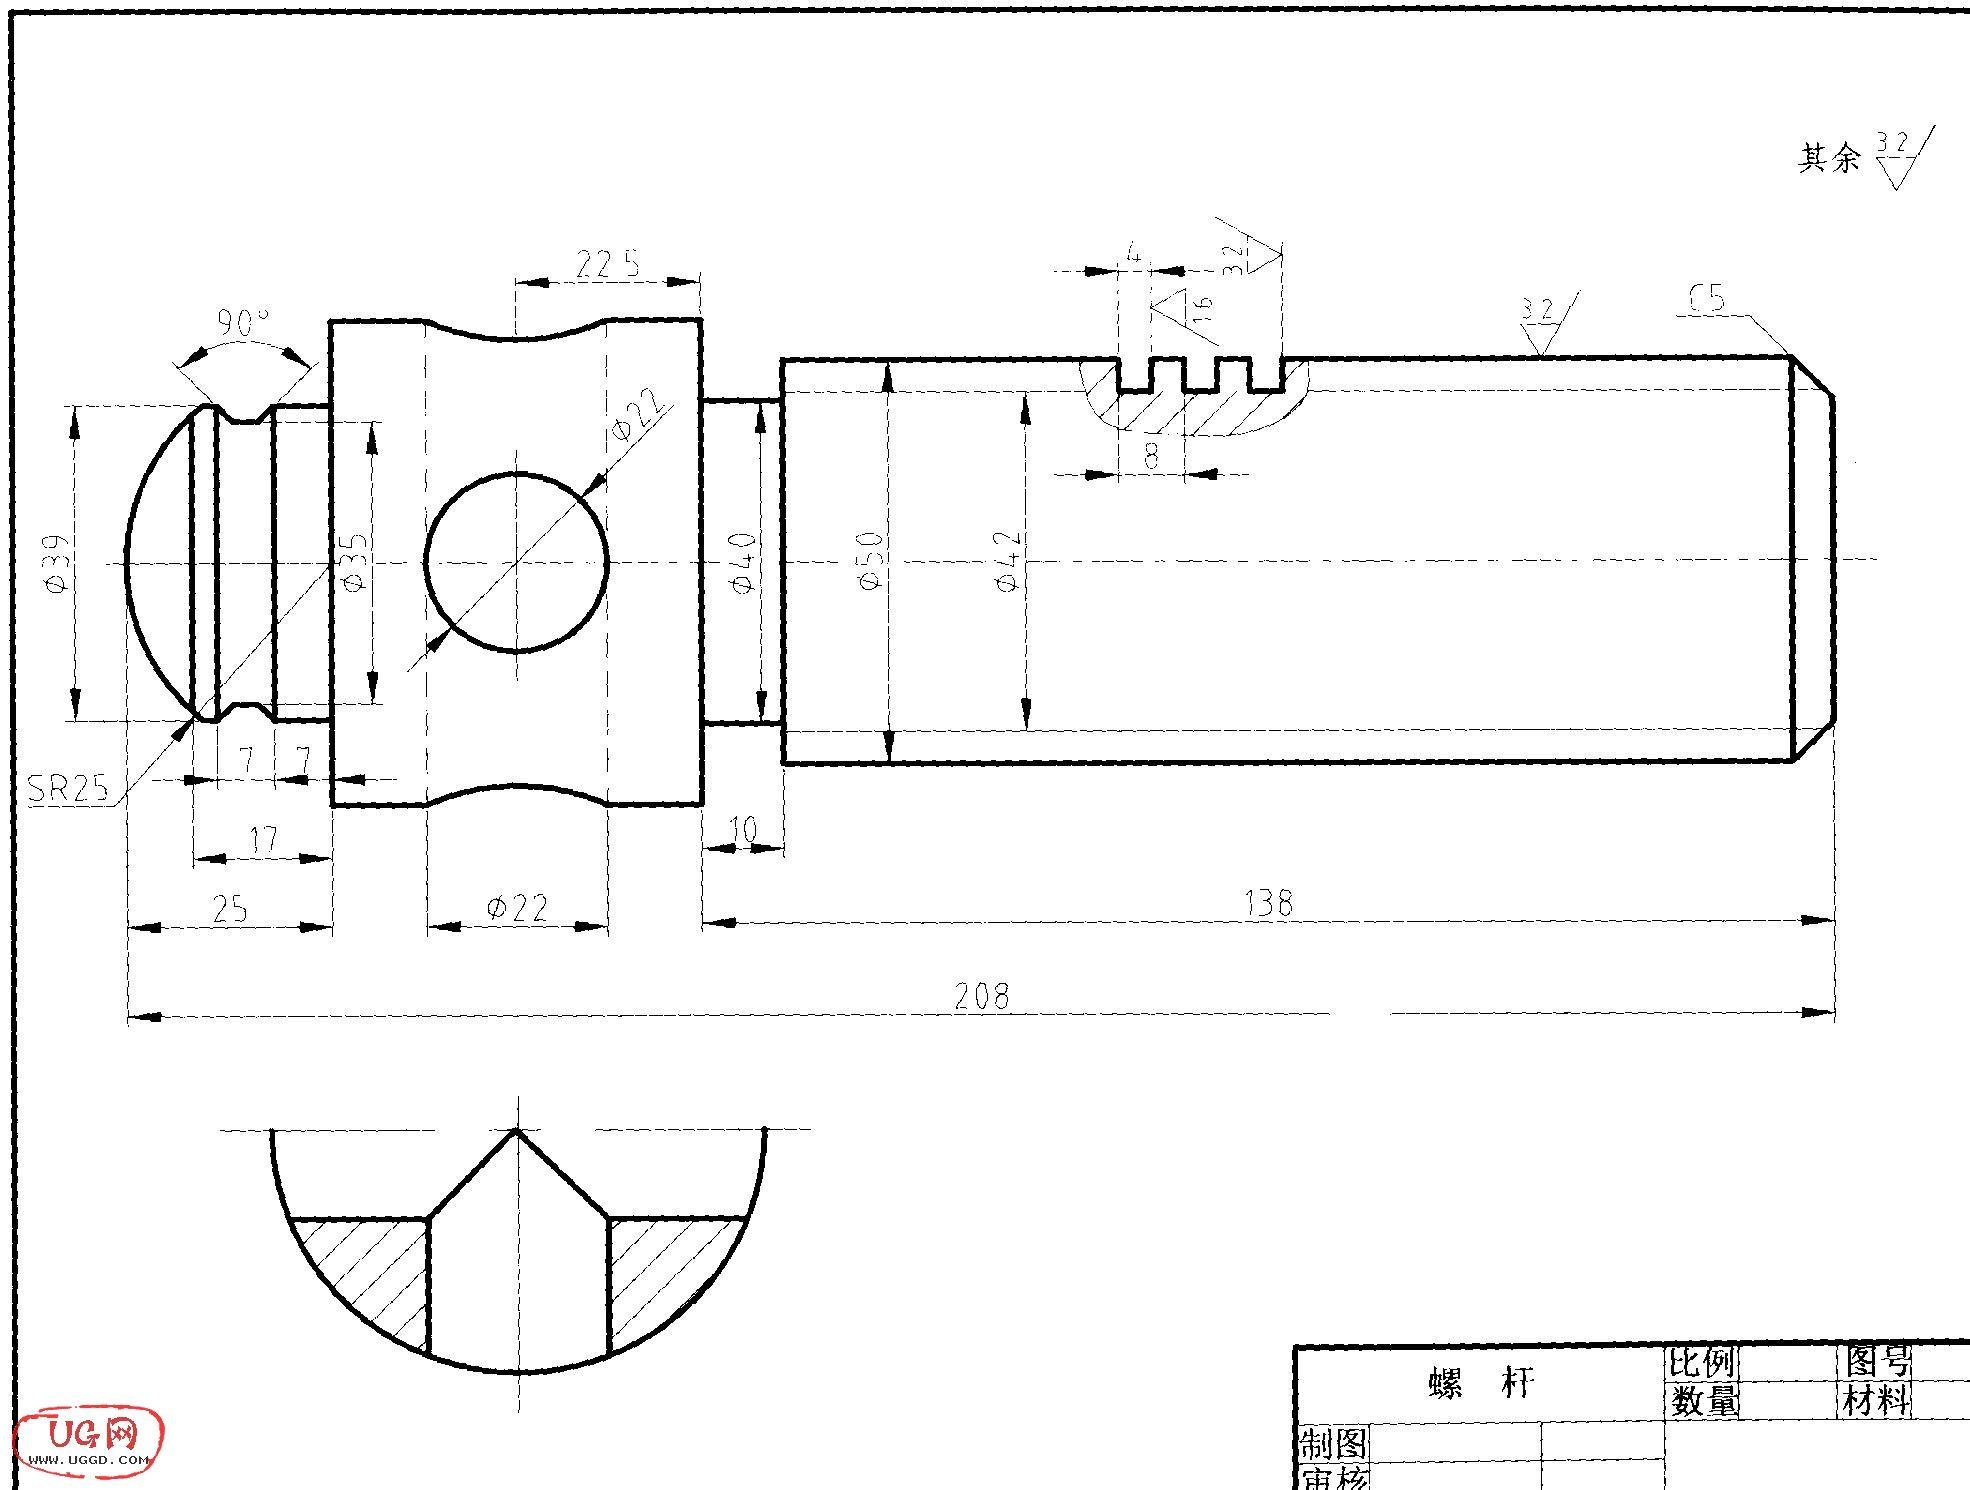 管螺纹画法_指教矩形螺纹的画法,就螺纹没画了,详细点。_百度知道